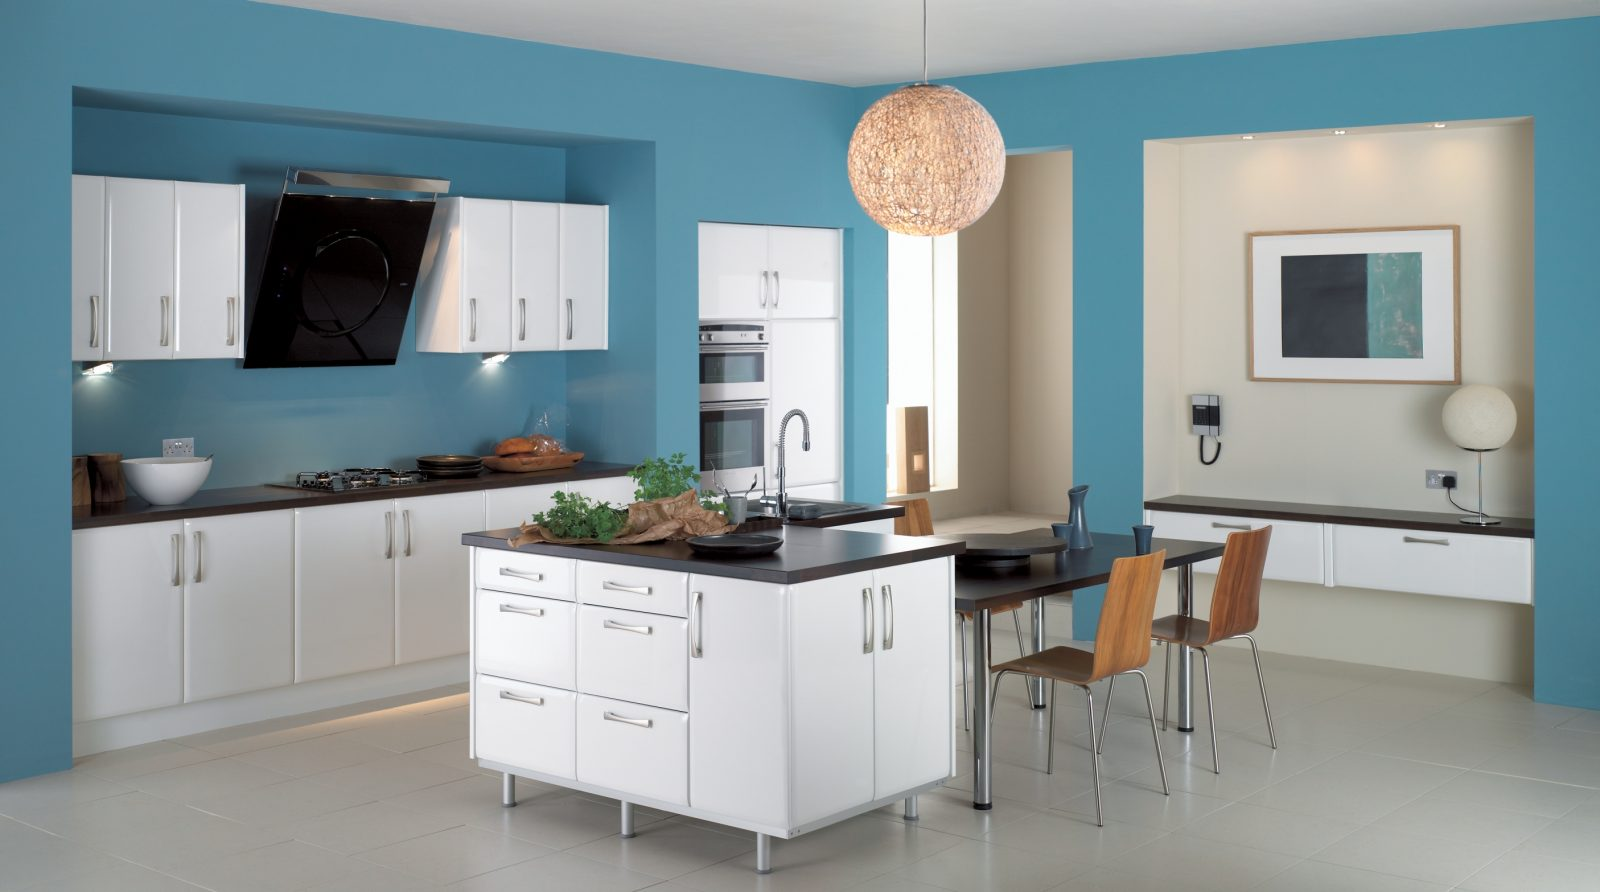 Muebles modernos de cocina :: Imágenes y fotos